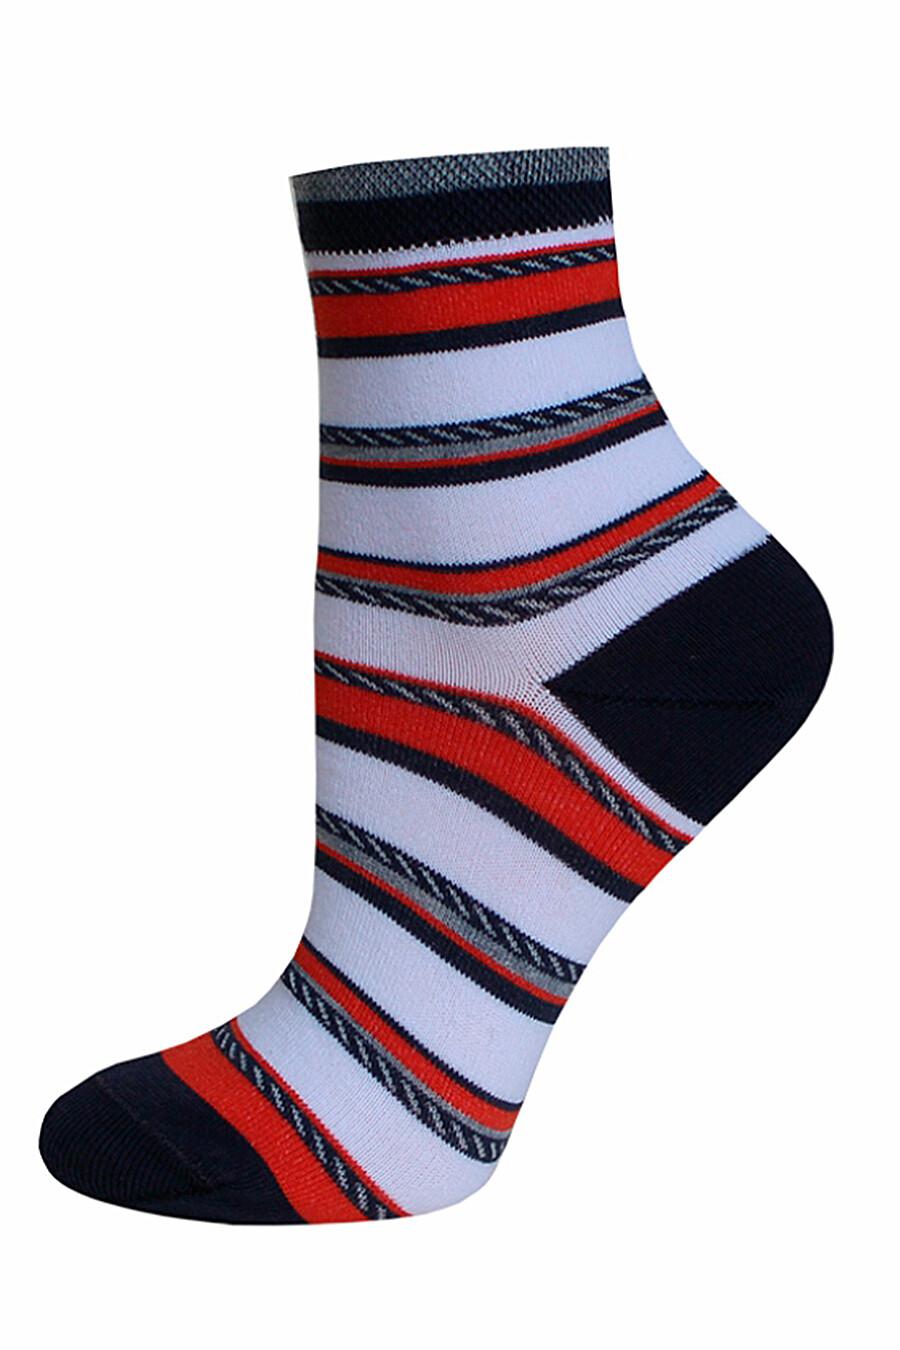 Носки для женщин БРЕСТСКИЕ 226867 купить оптом от производителя. Совместная покупка женской одежды в OptMoyo